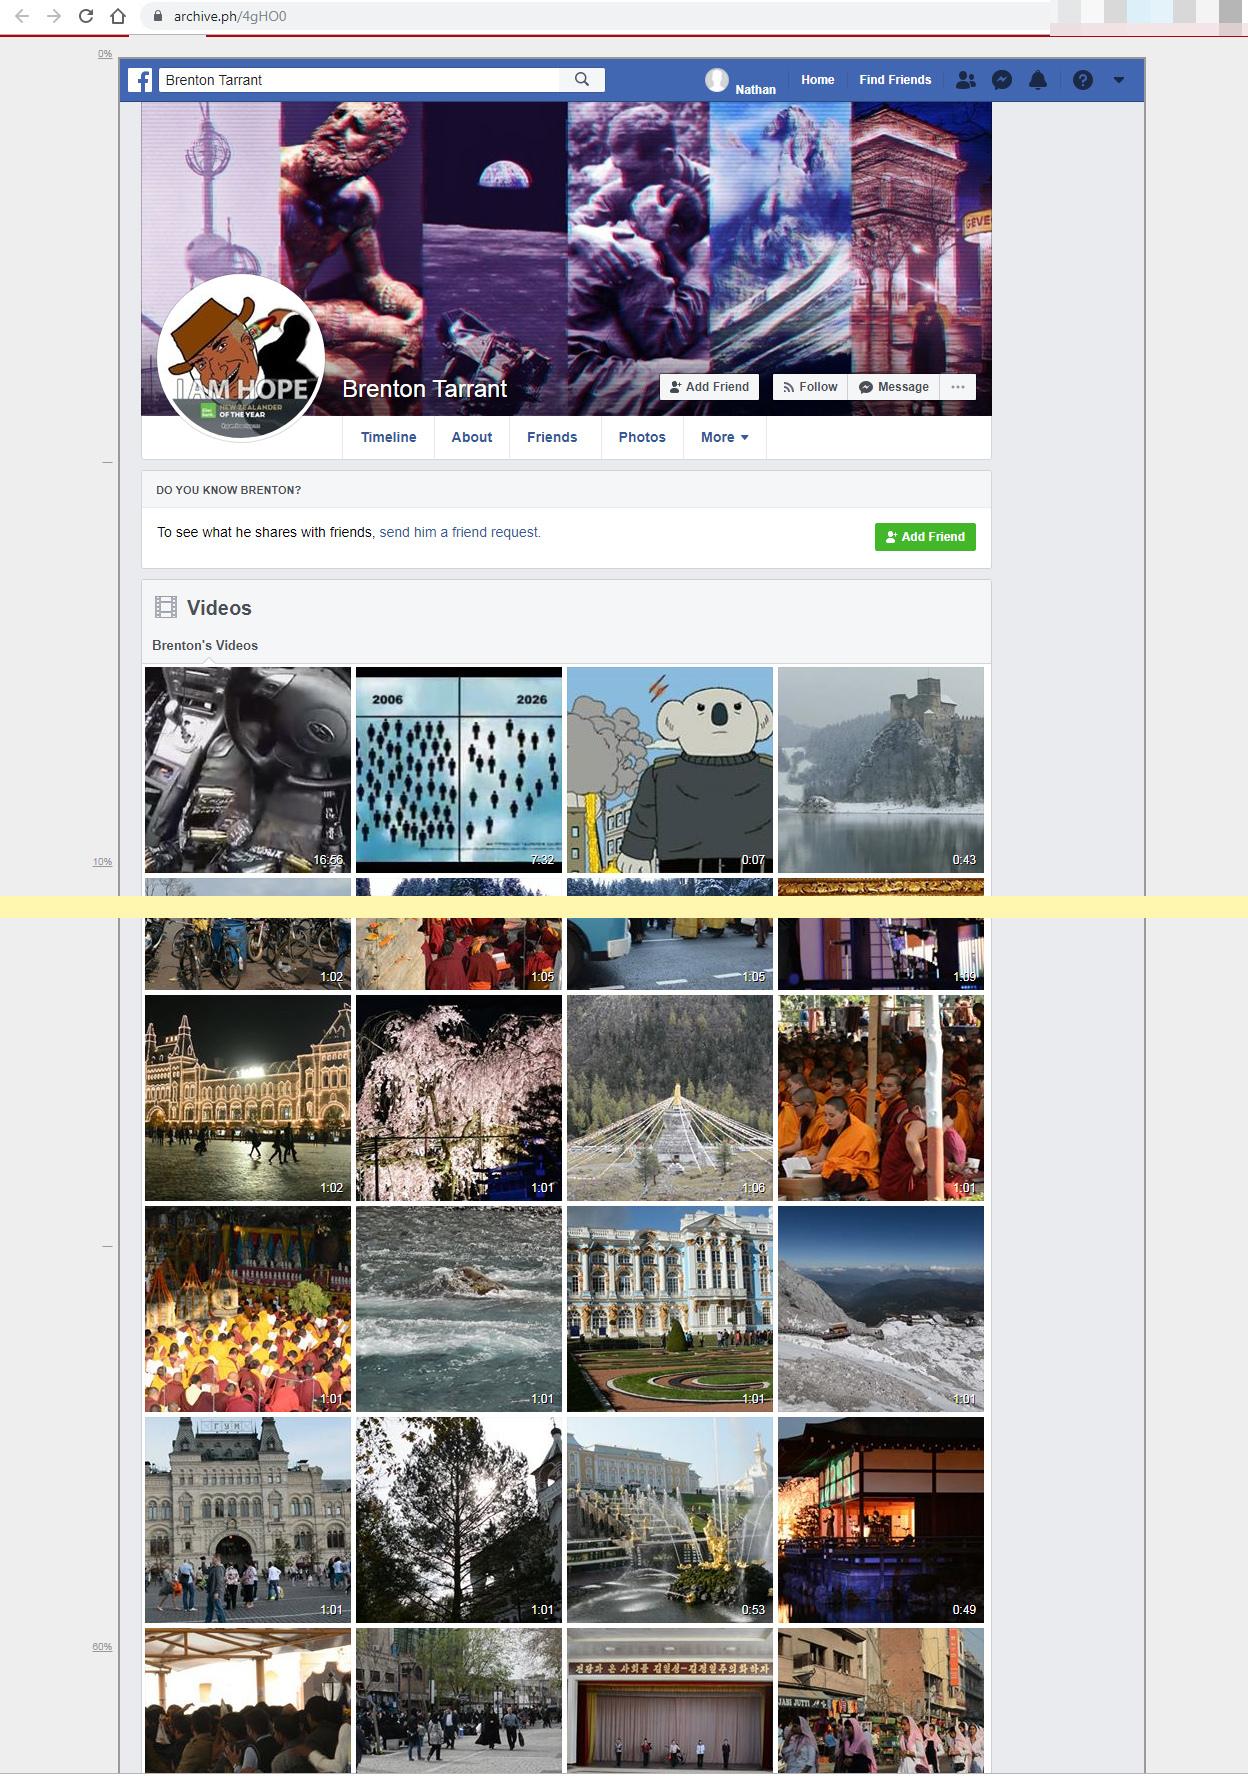 скриншот страницы архива соцсетей